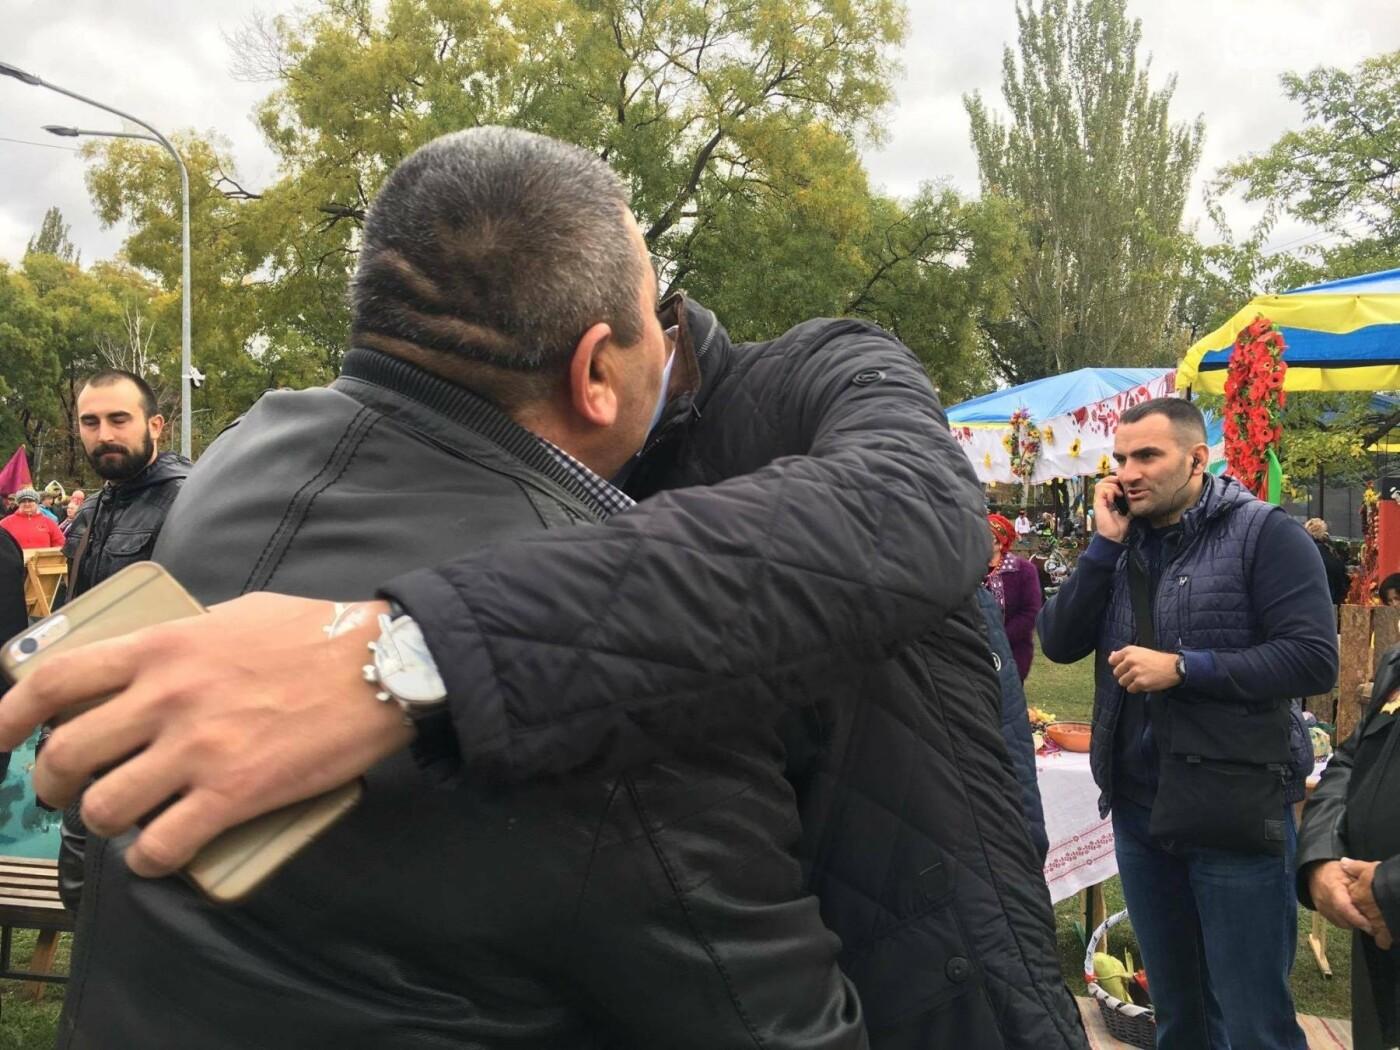 Тысячи криворожан отмечают День украинского козачества на Фестивале в парке Героев (ФОТО, ВИДЕО), фото-17